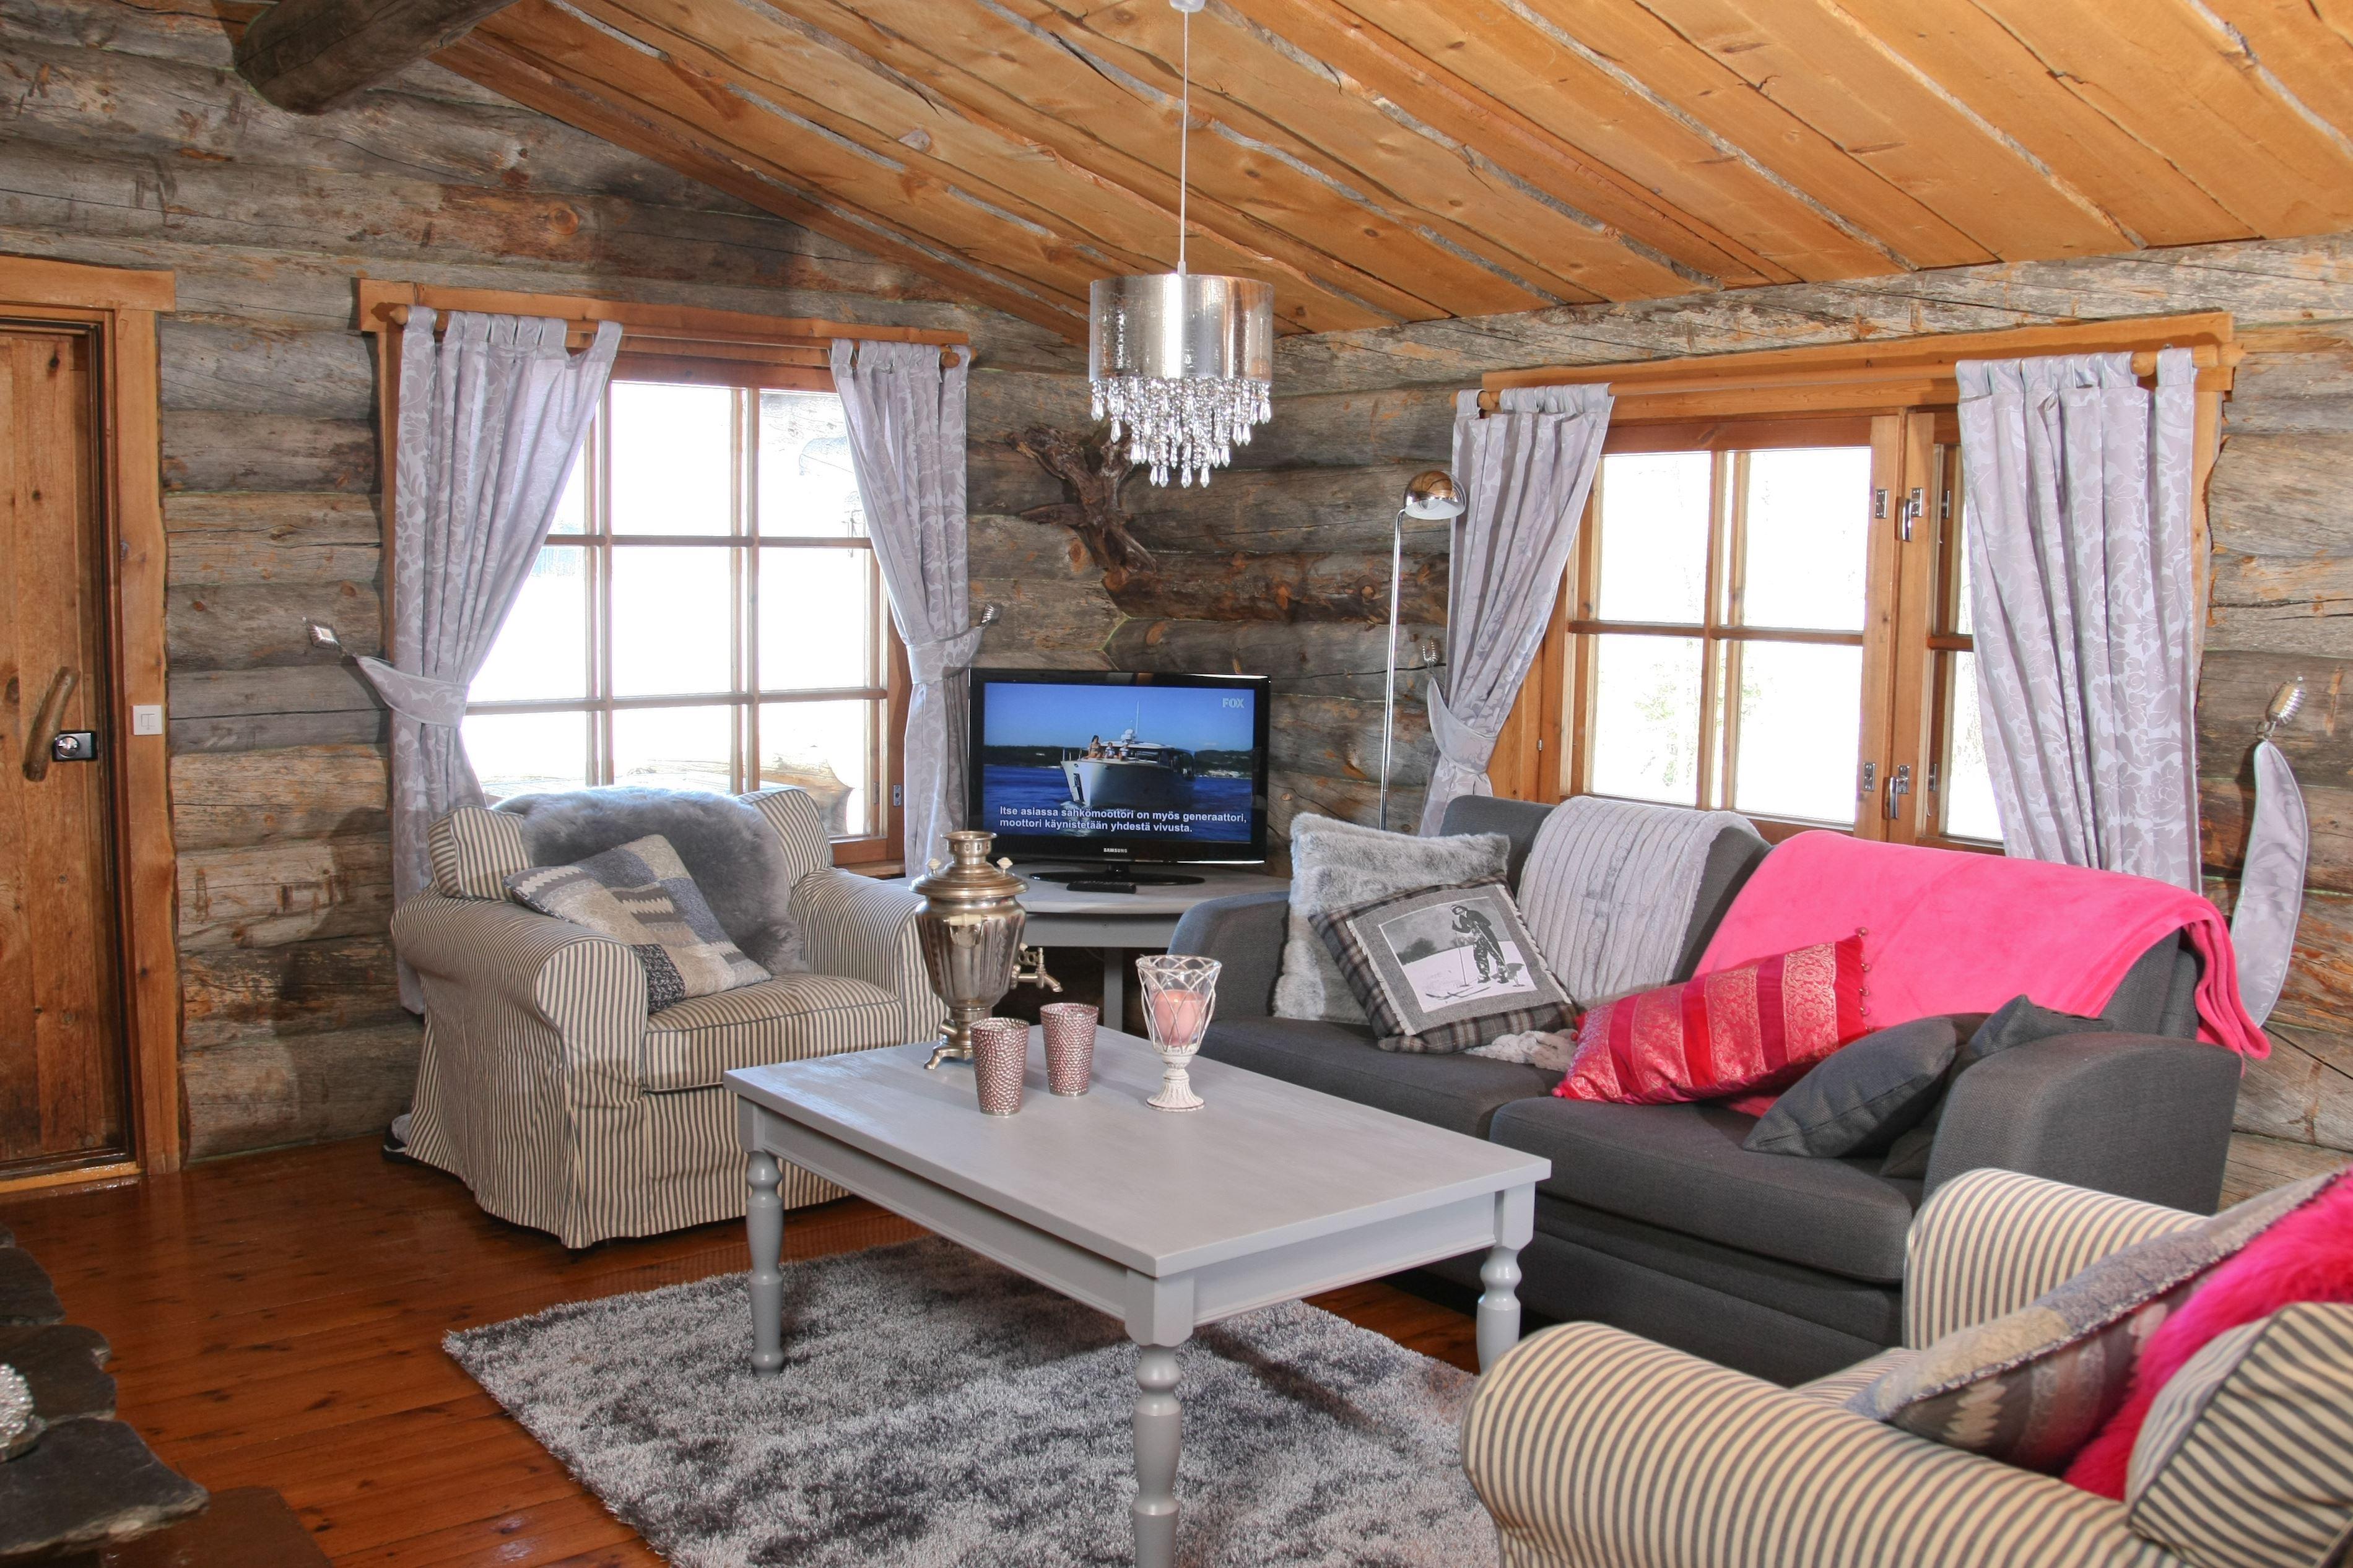 Pätiälä Manor Holiday Cottages